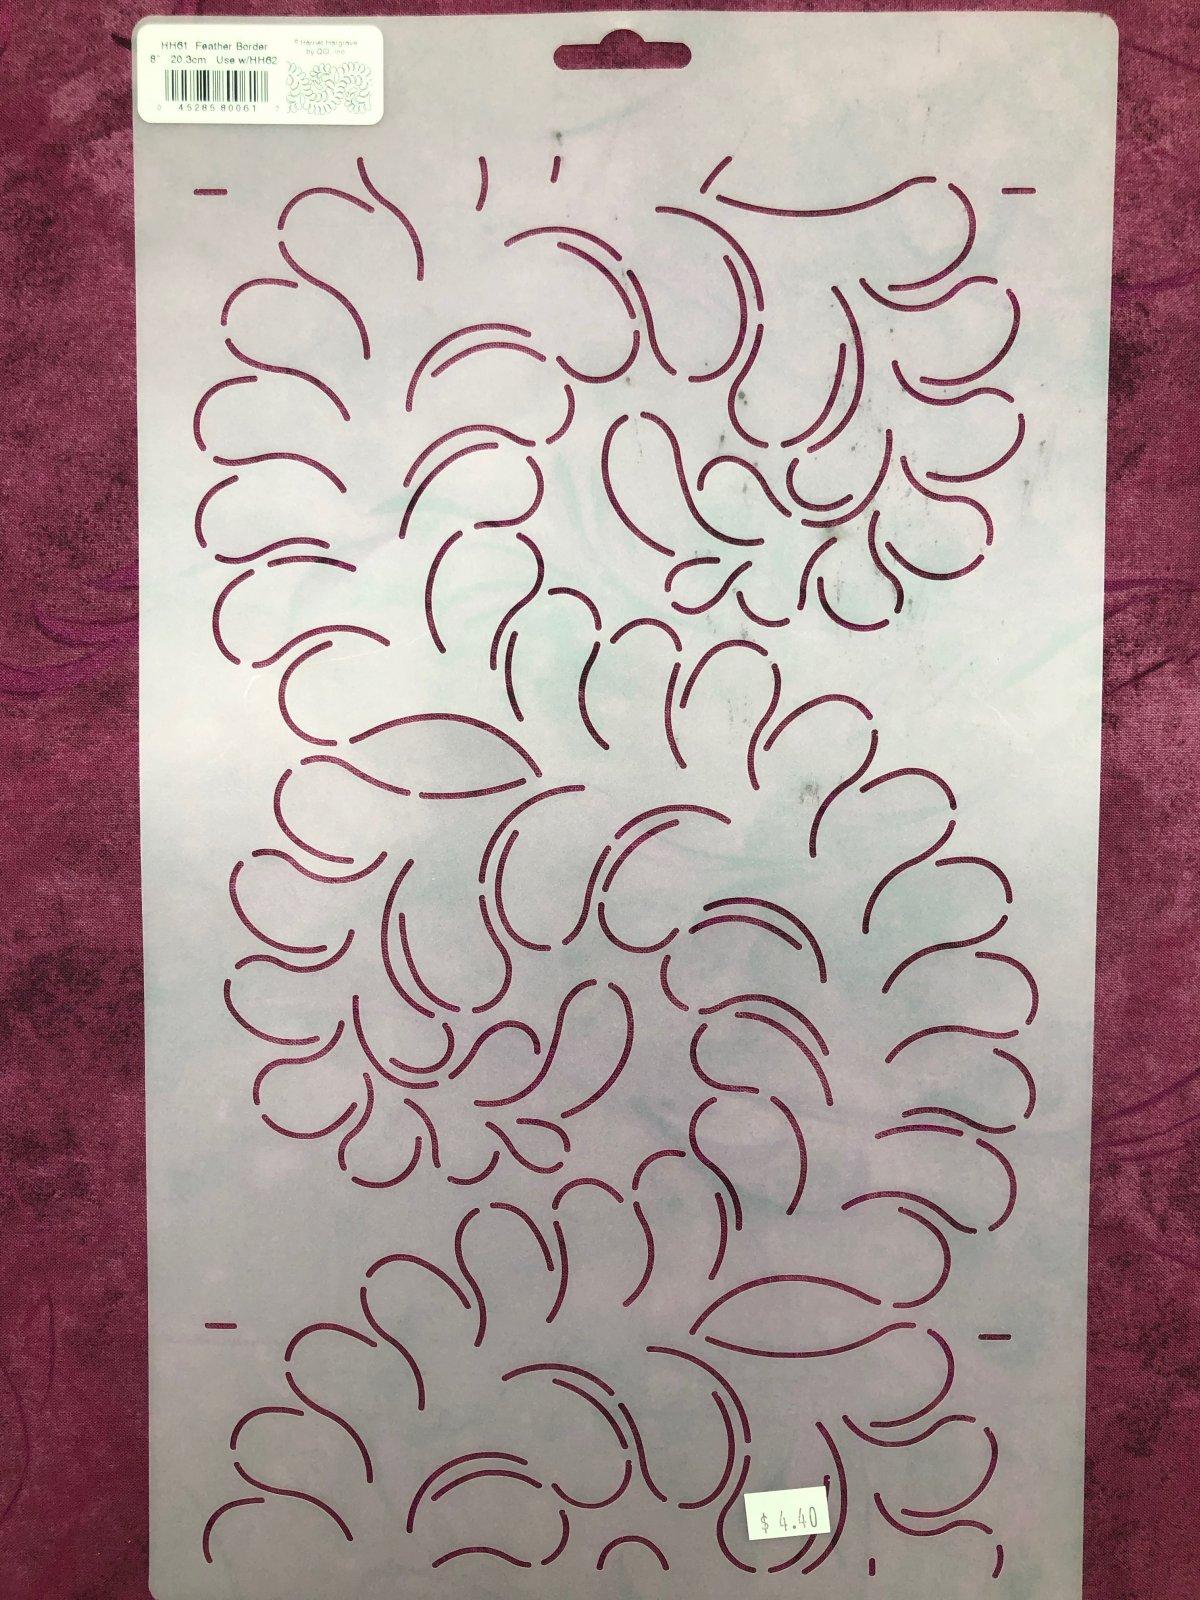 HH61 Feather Border 8 Inch Stencil